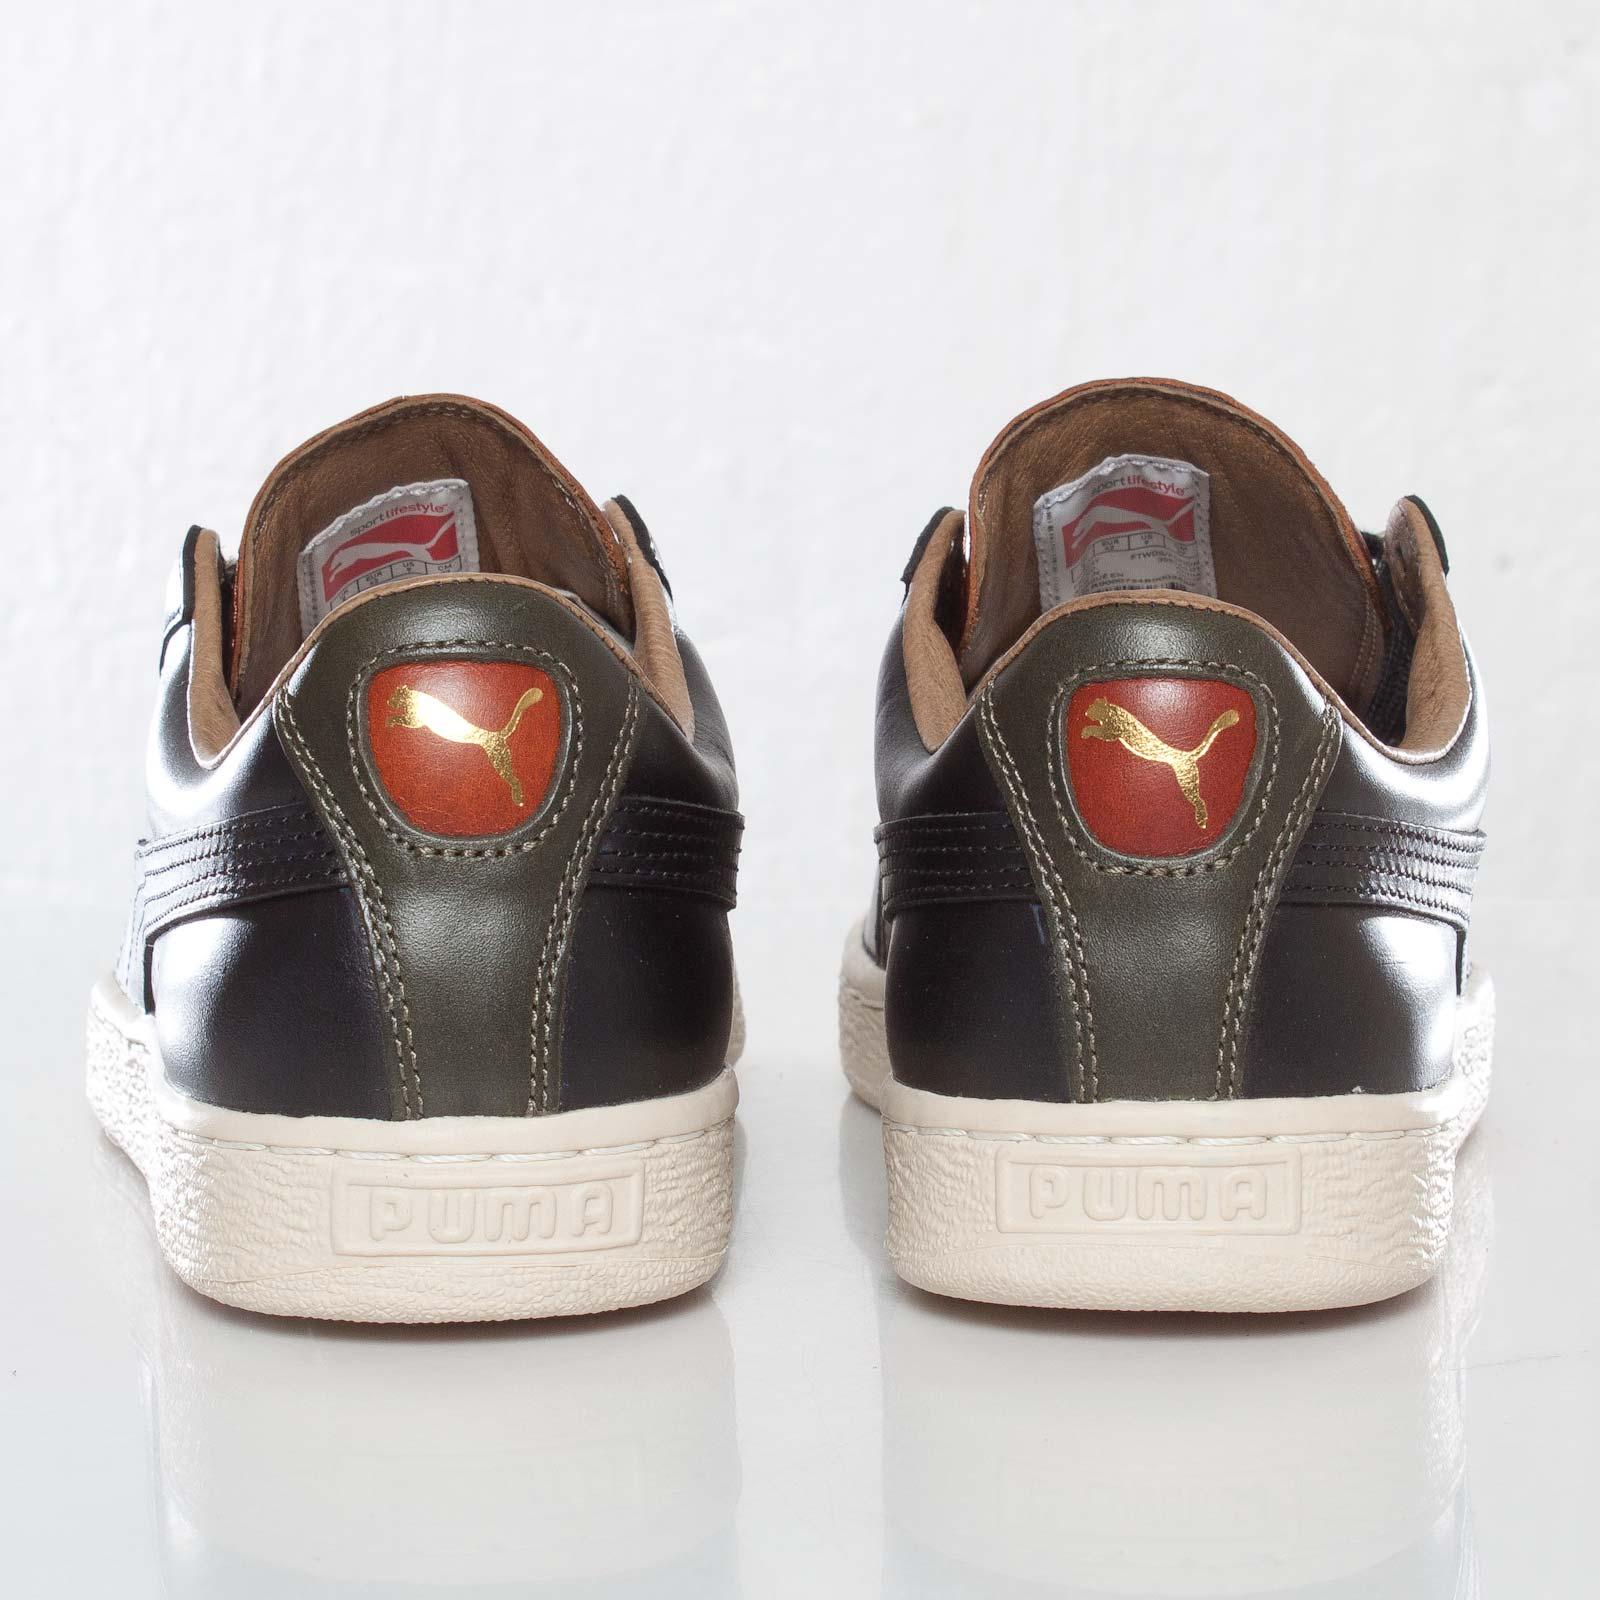 online retailer 57a68 5835b Puma Basket Classic Luxe Camo - 355144-01 - Sneakersnstuff   sneakers    streetwear online since 1999